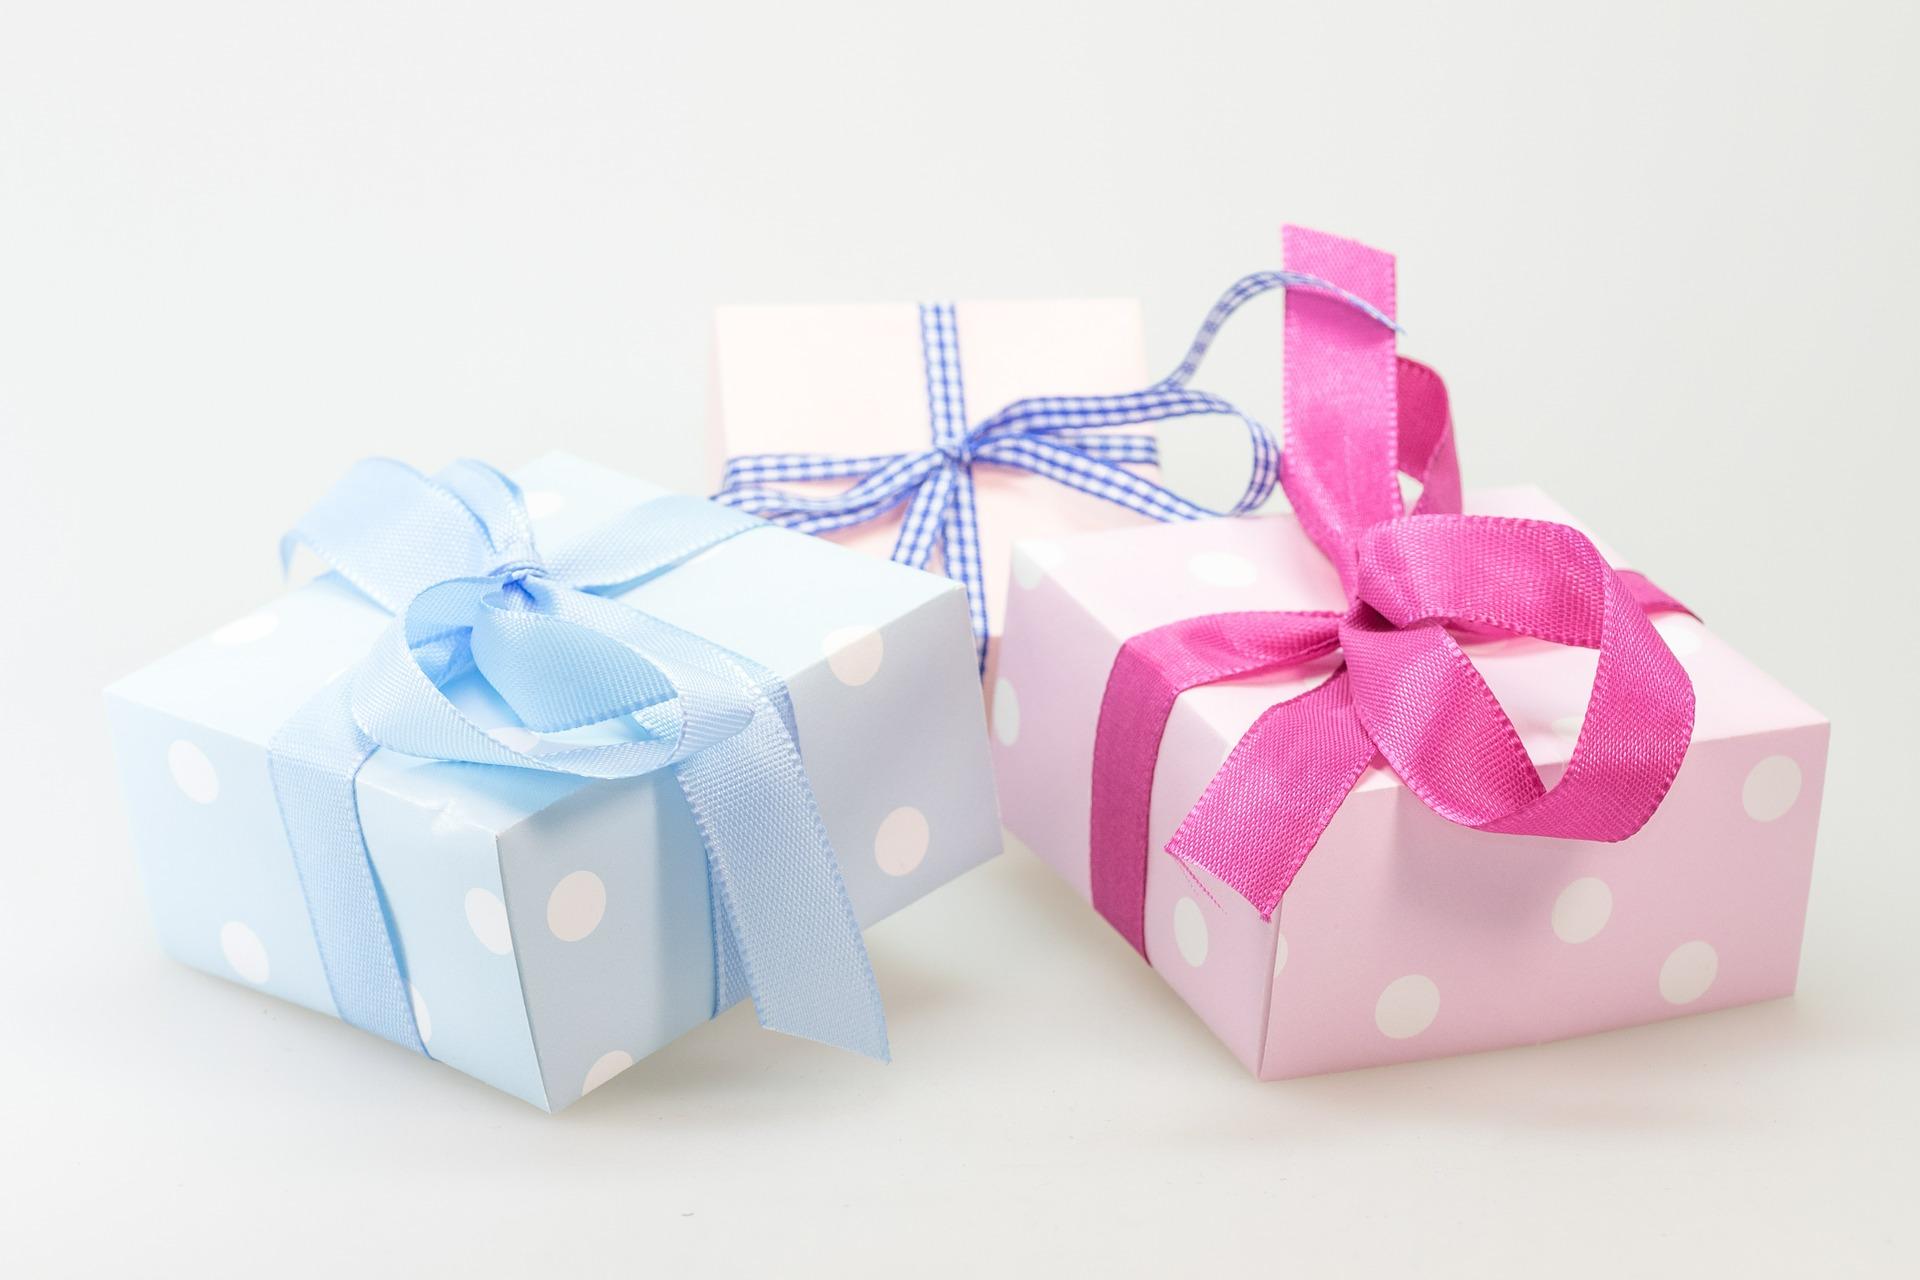 בידיים מלאות: רעיונות מקוריים למתנות ליולדת